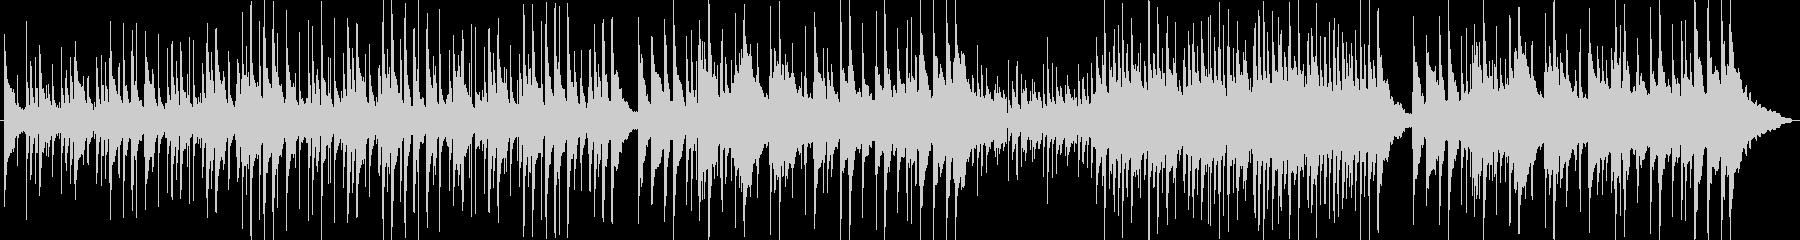 ナイロンとスチールの弦を使用したア...の未再生の波形